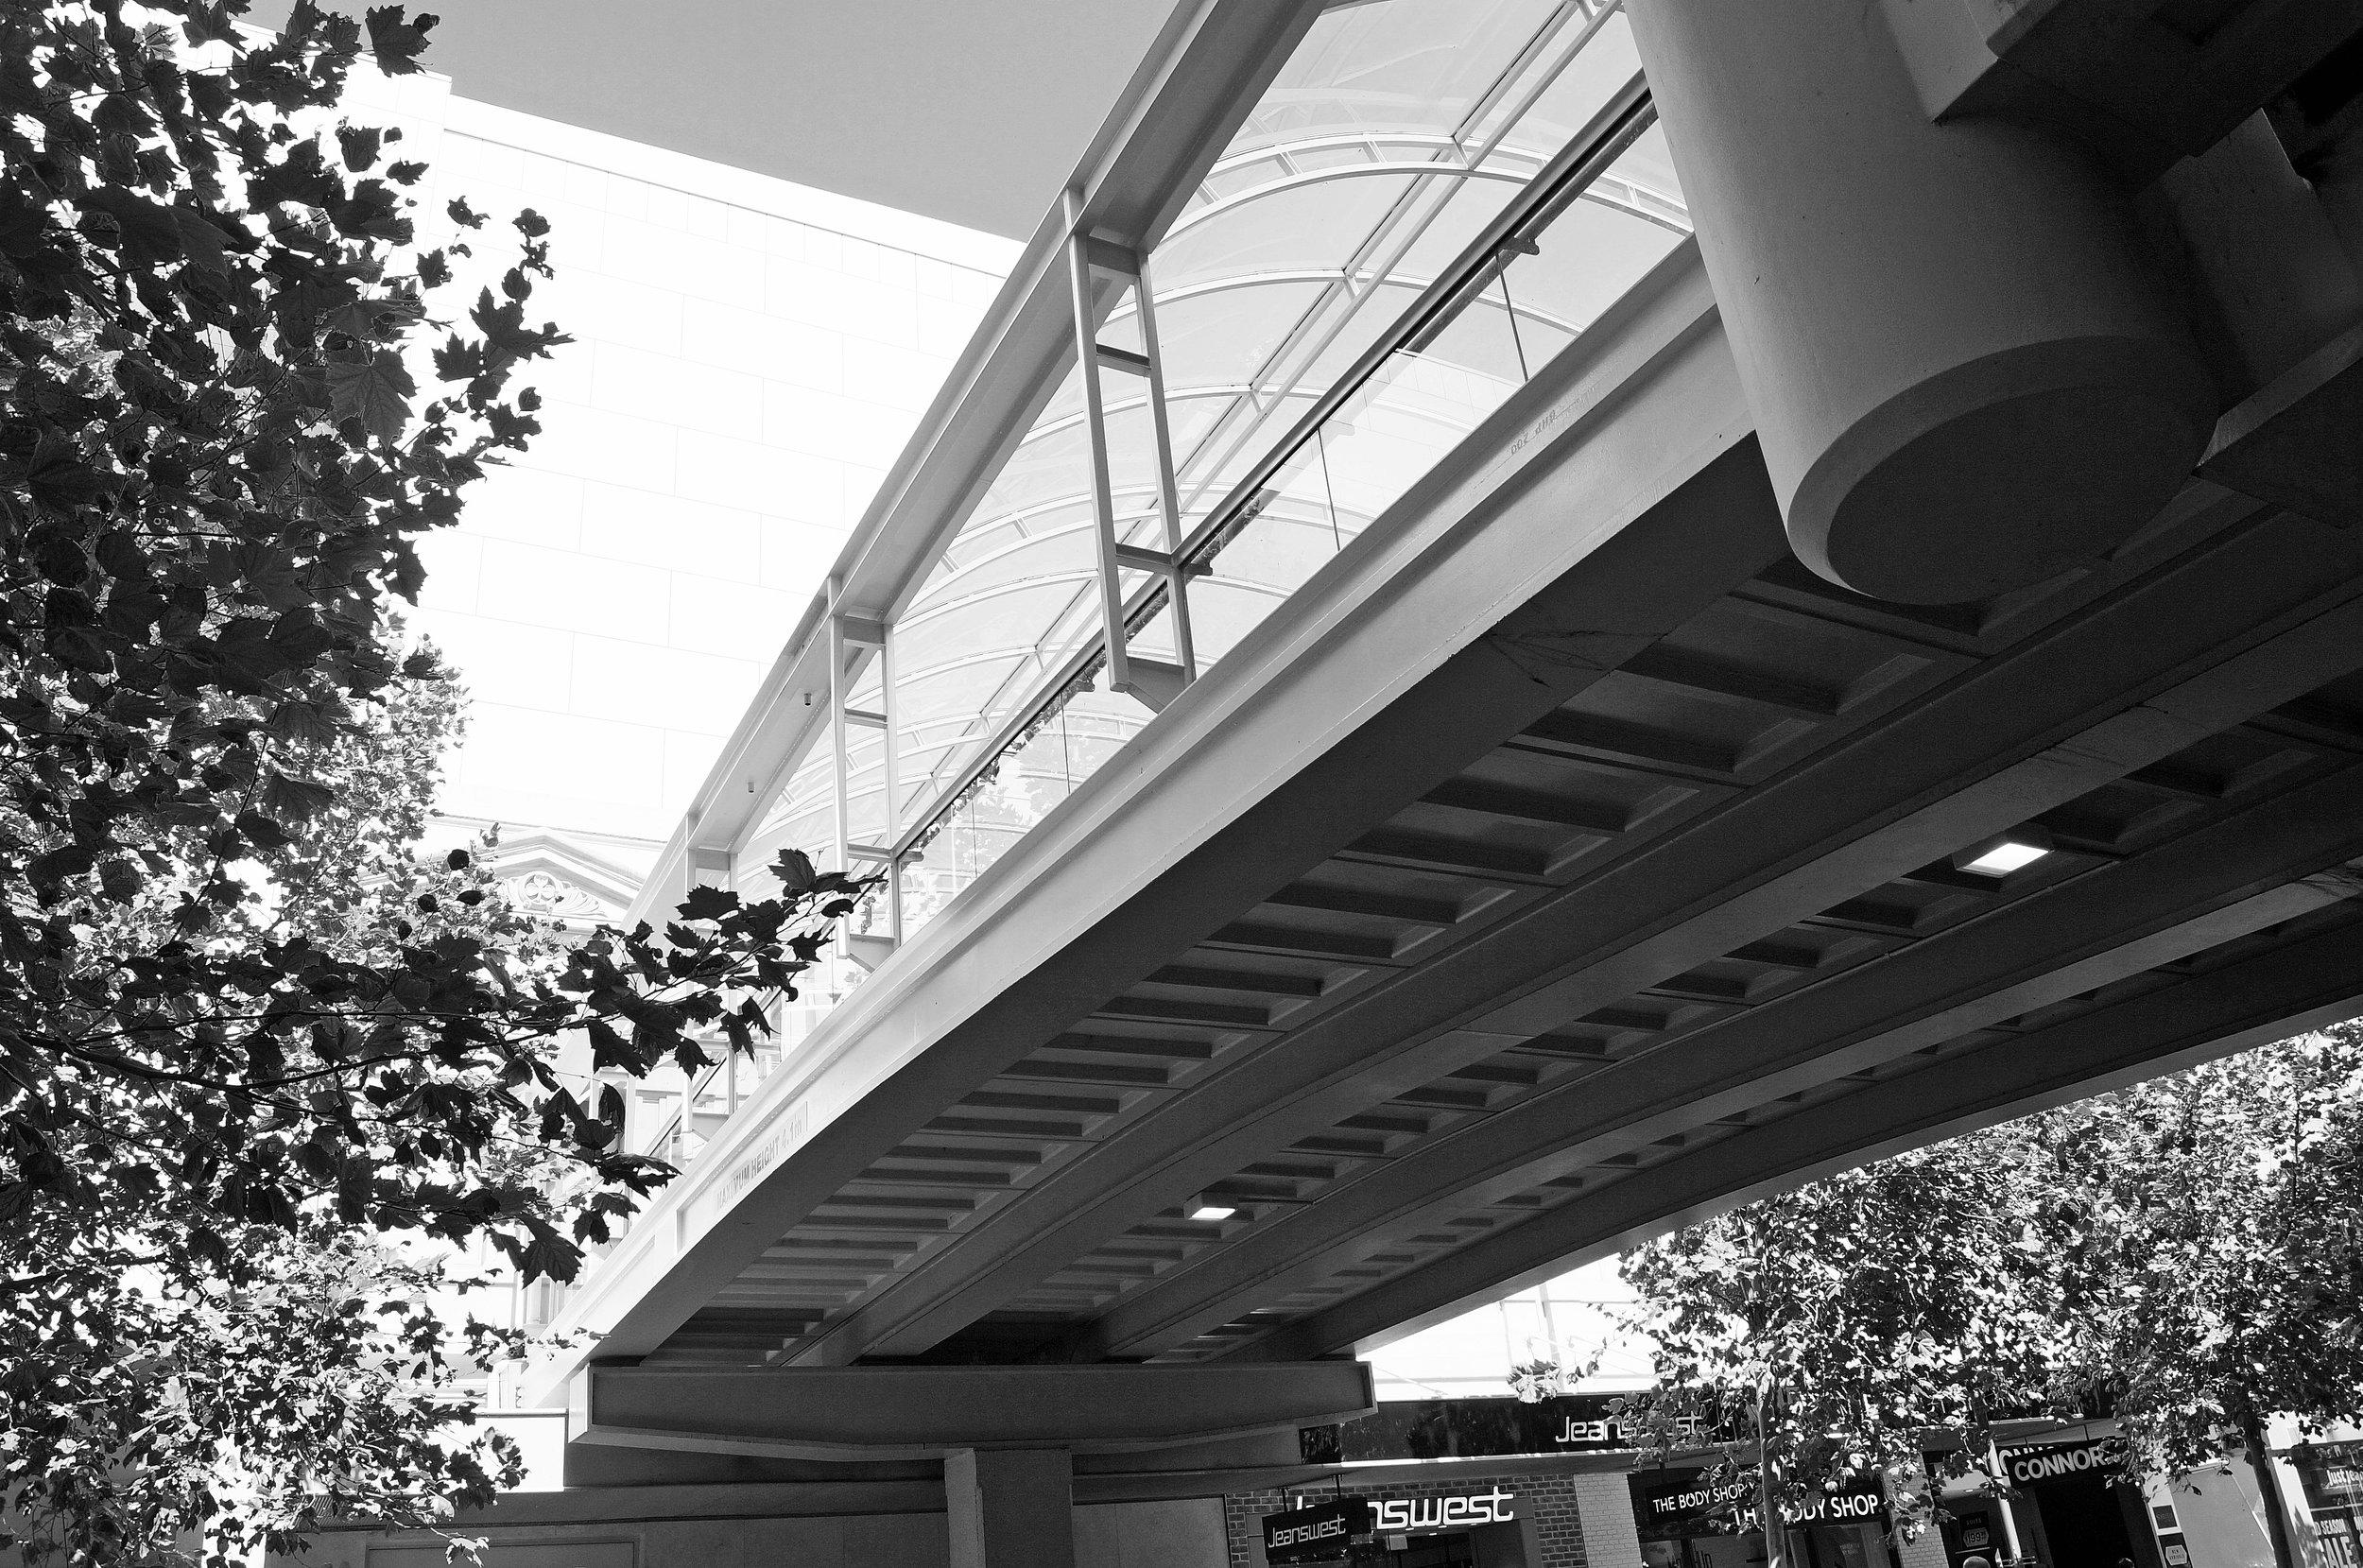 bridge_13-bw.jpg